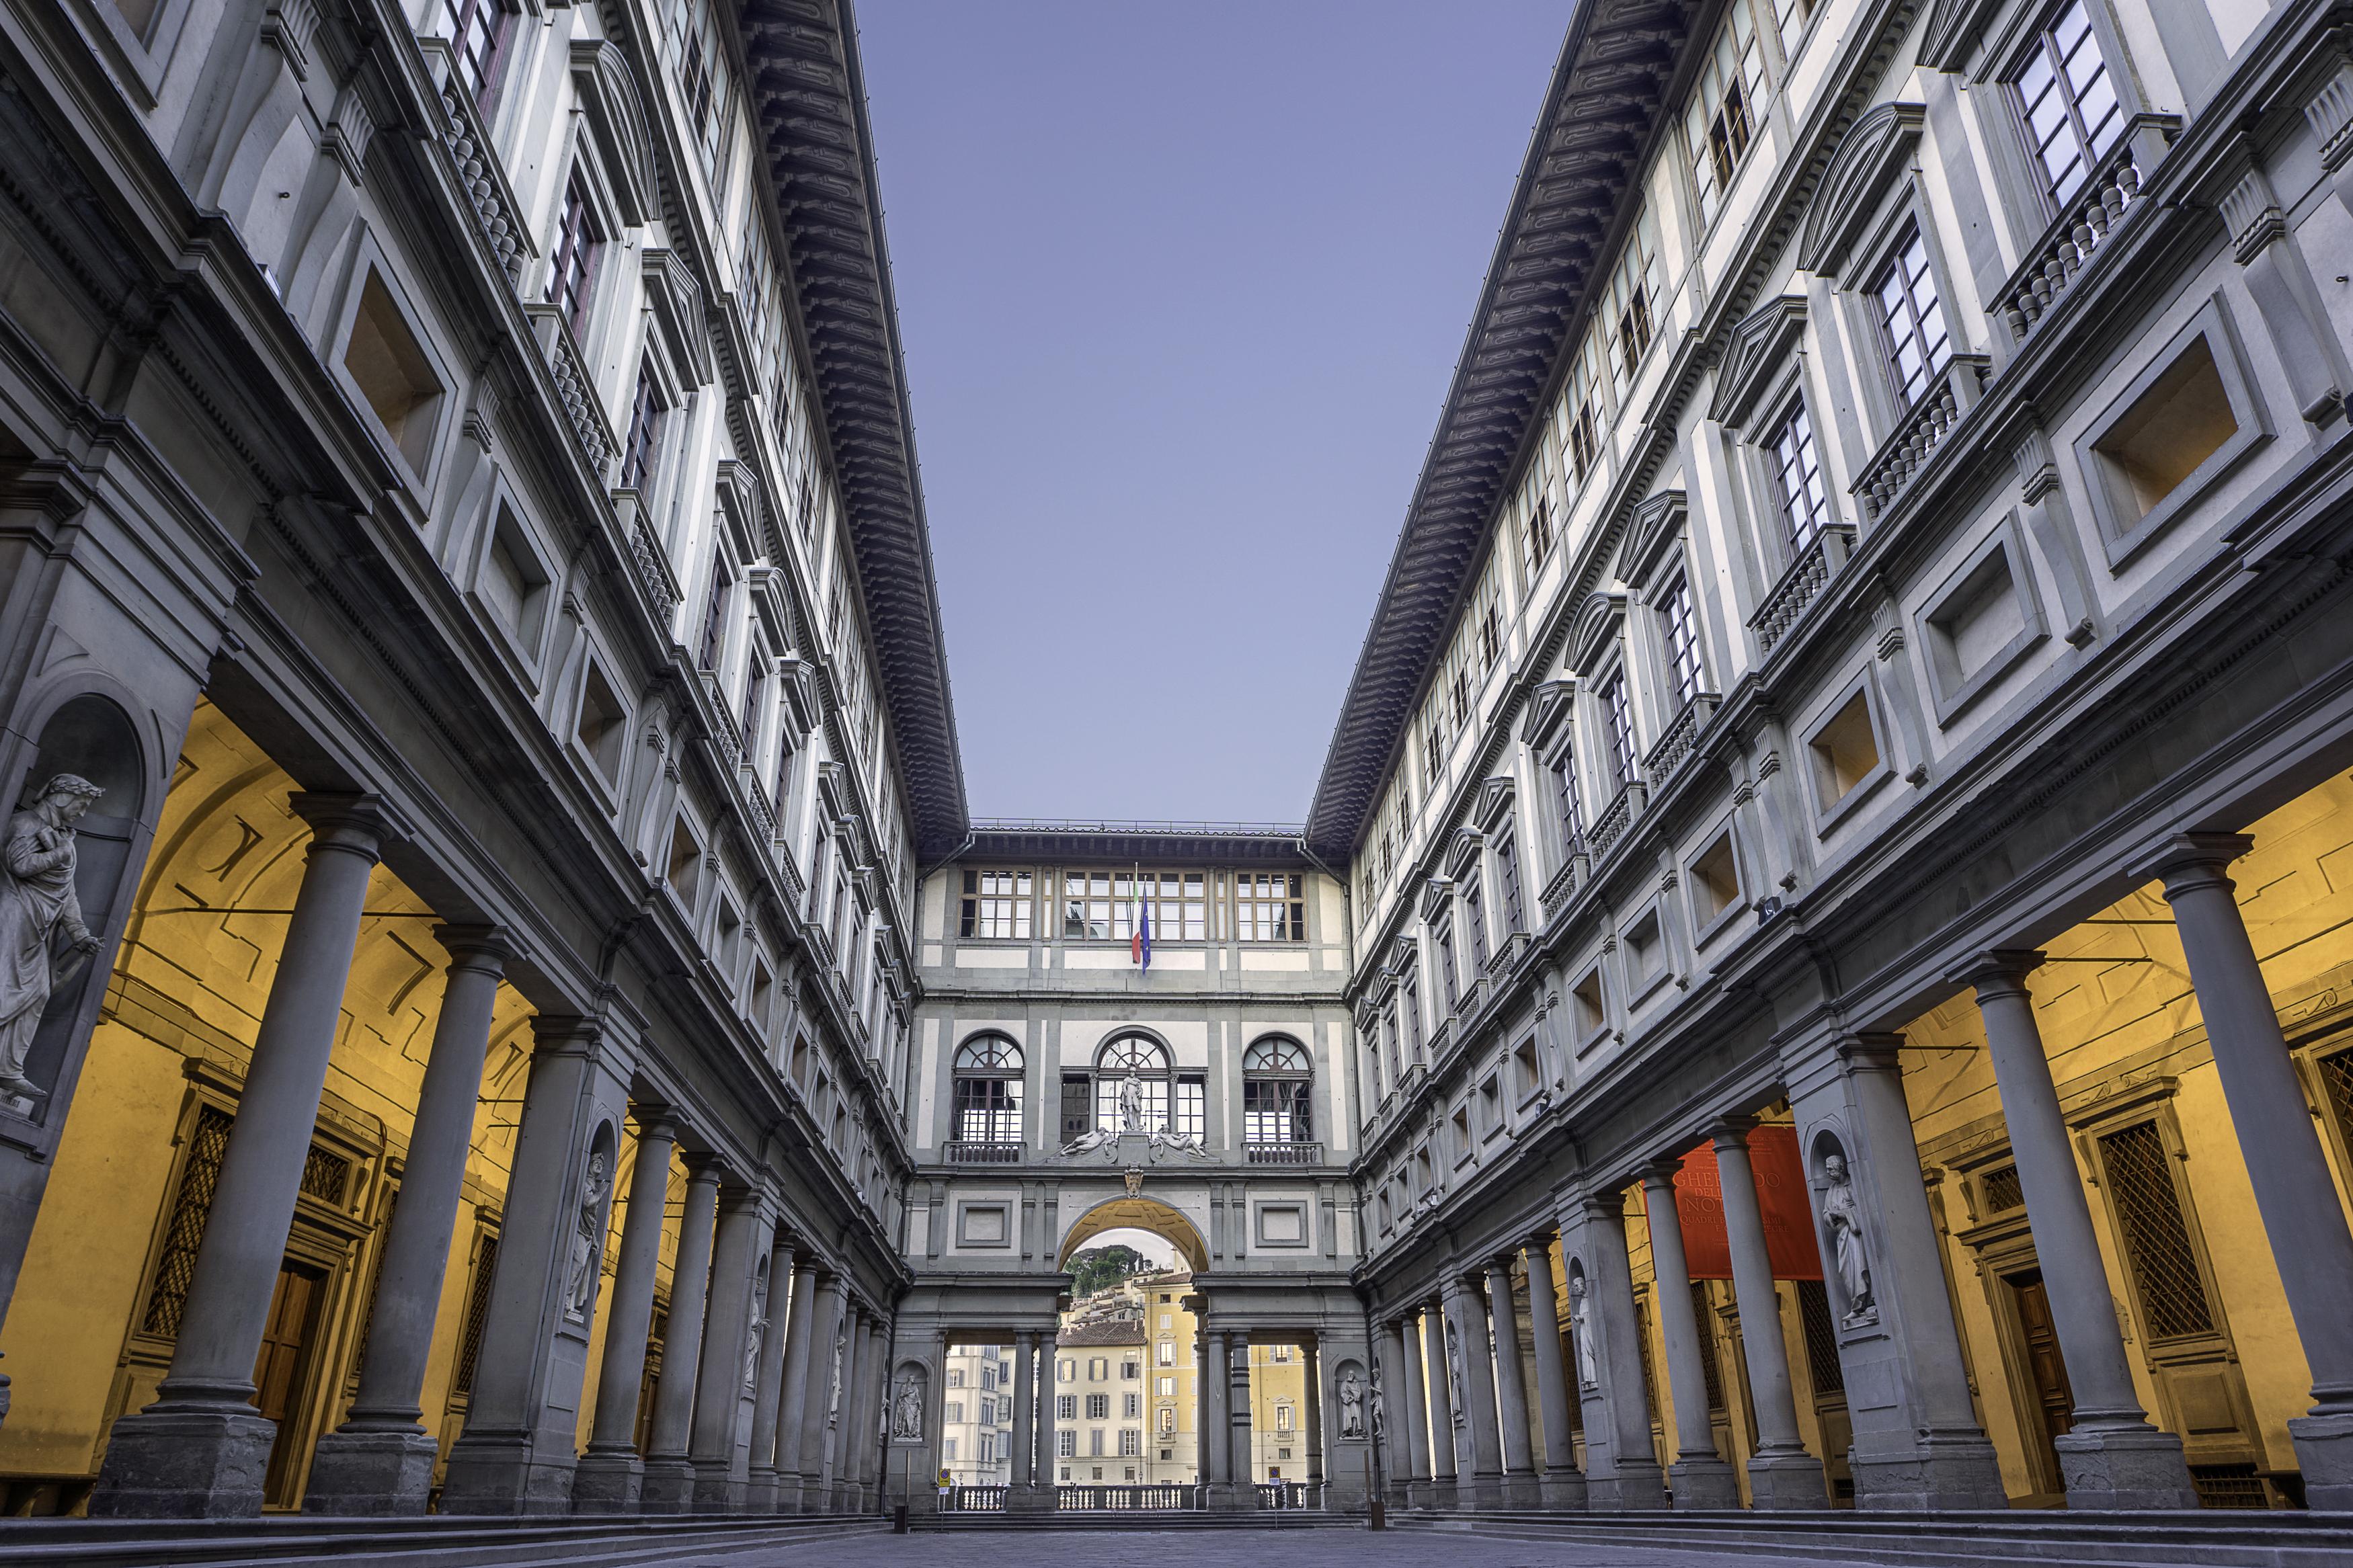 Galleria Degli BoboliSalta La UffiziPalazzo Biglietti Per Giardino Coda Pitti E Di GSUzqMVpjL